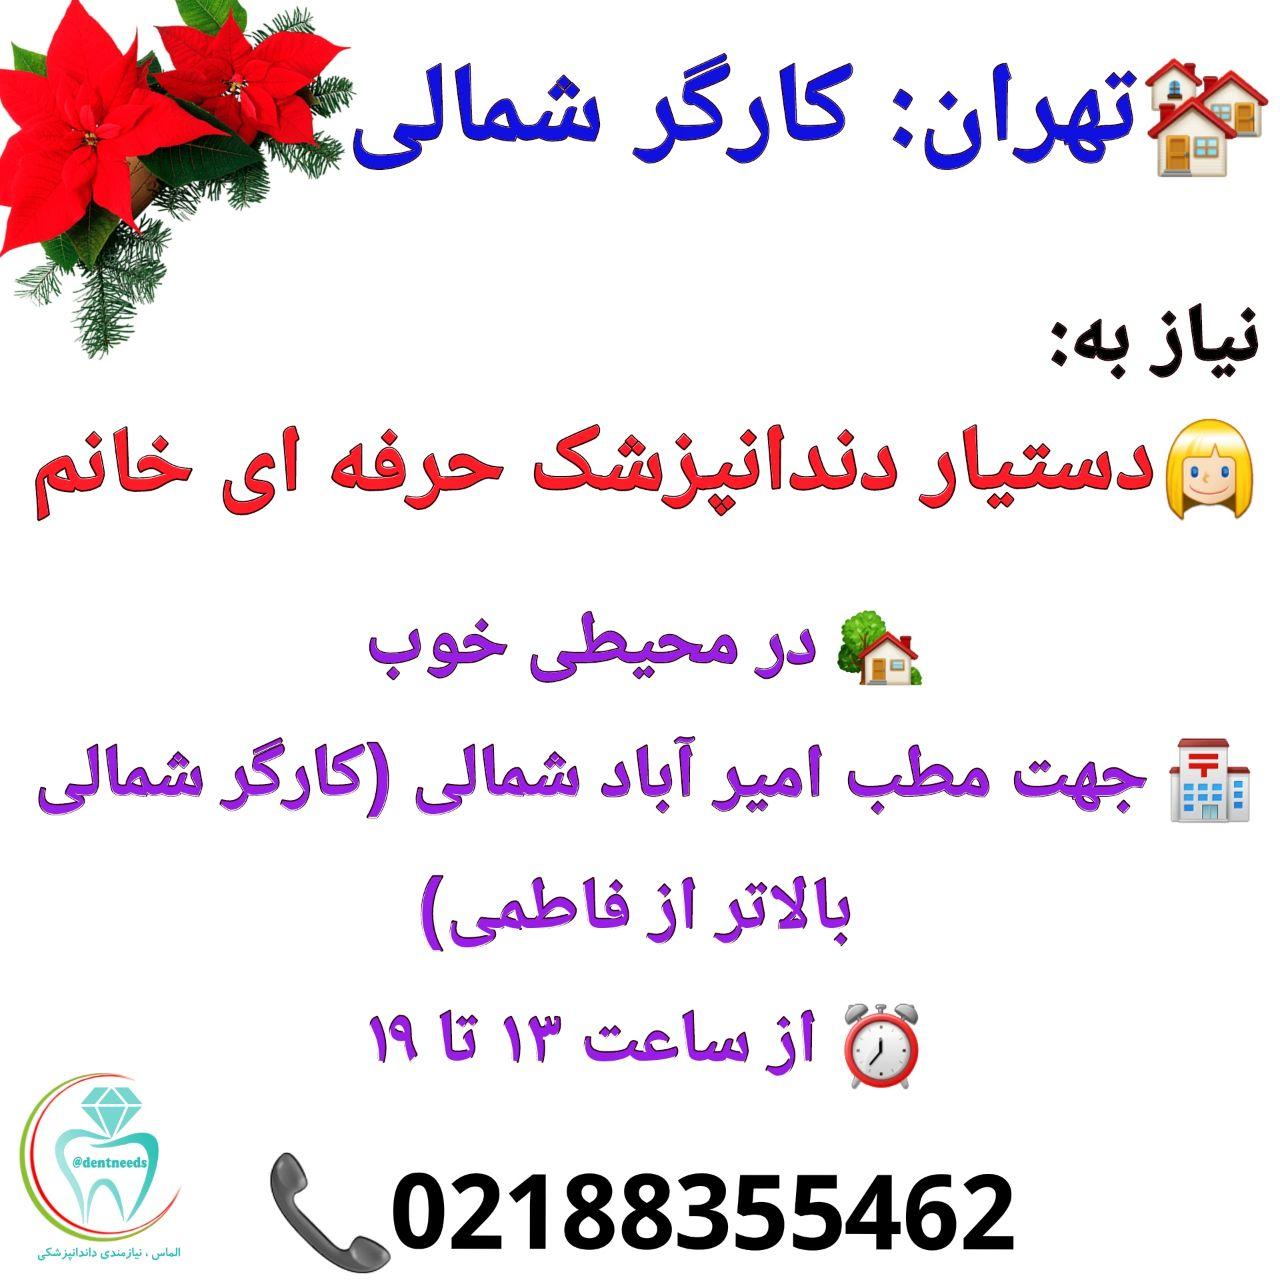 تهران: کارگر شمالی، نیاز به دستیار دندانپزشک خانم